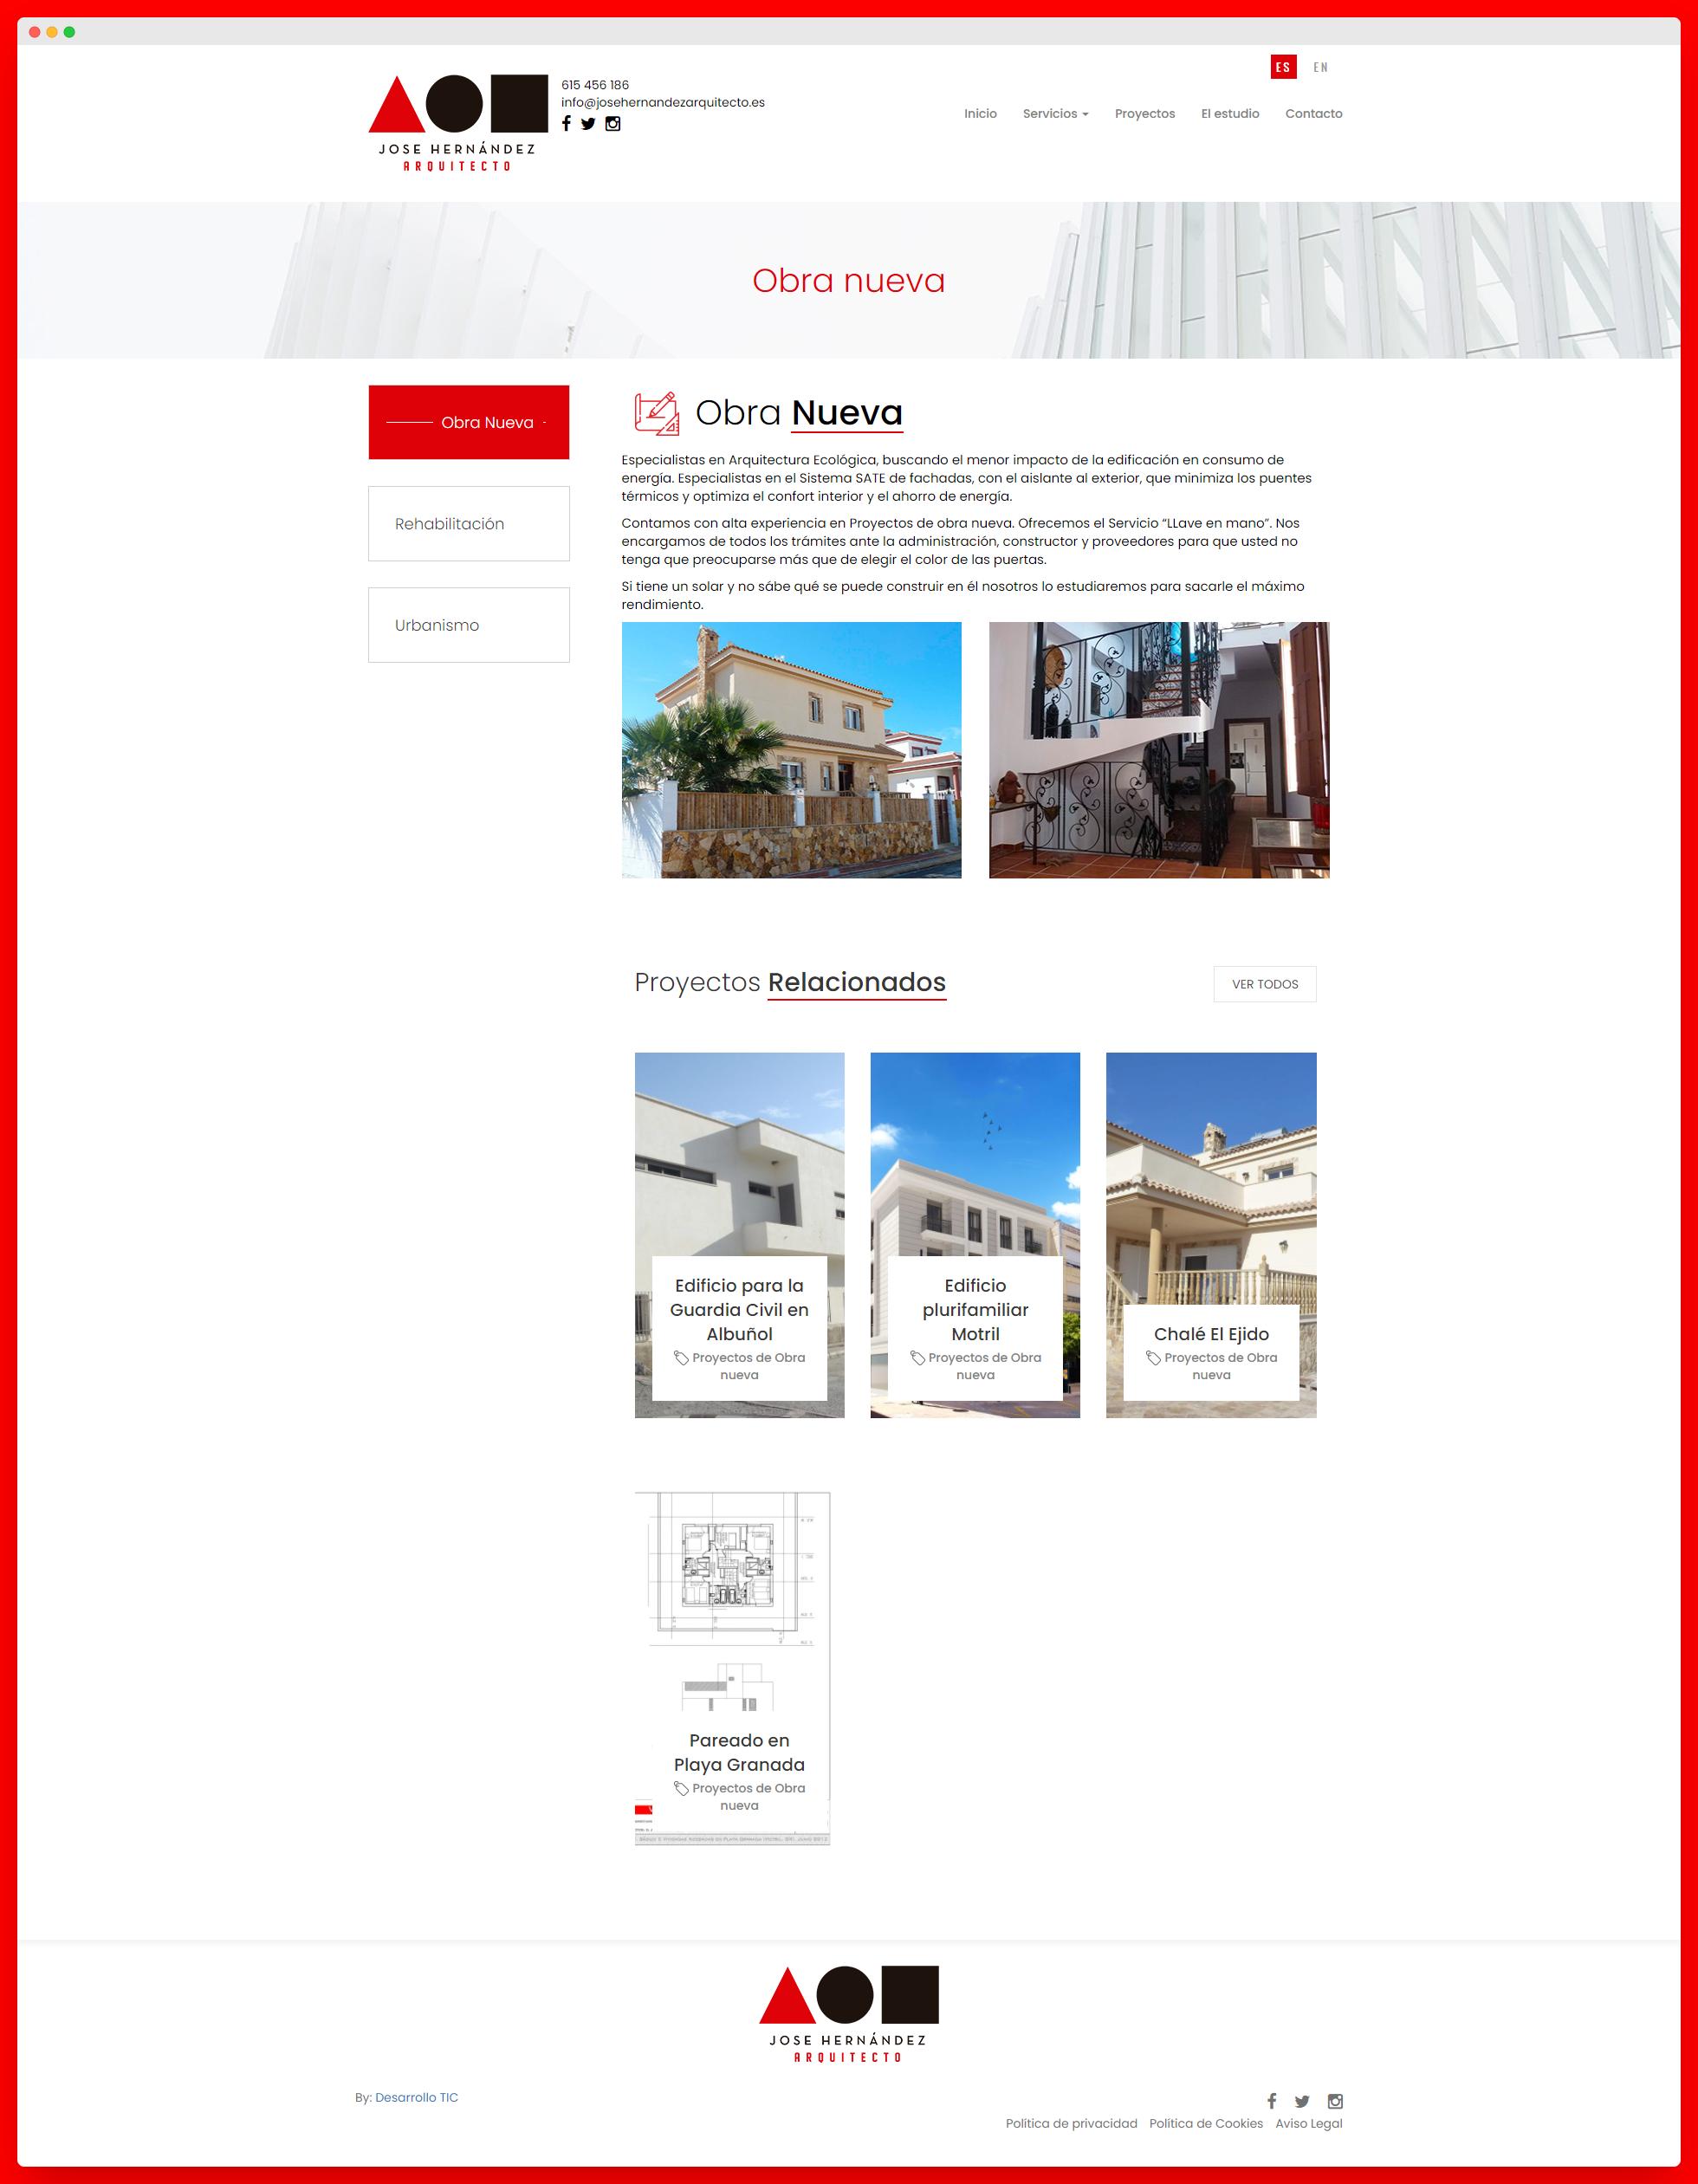 Imagen adicional 2 del proyecto Jose Hernández Arquitecto